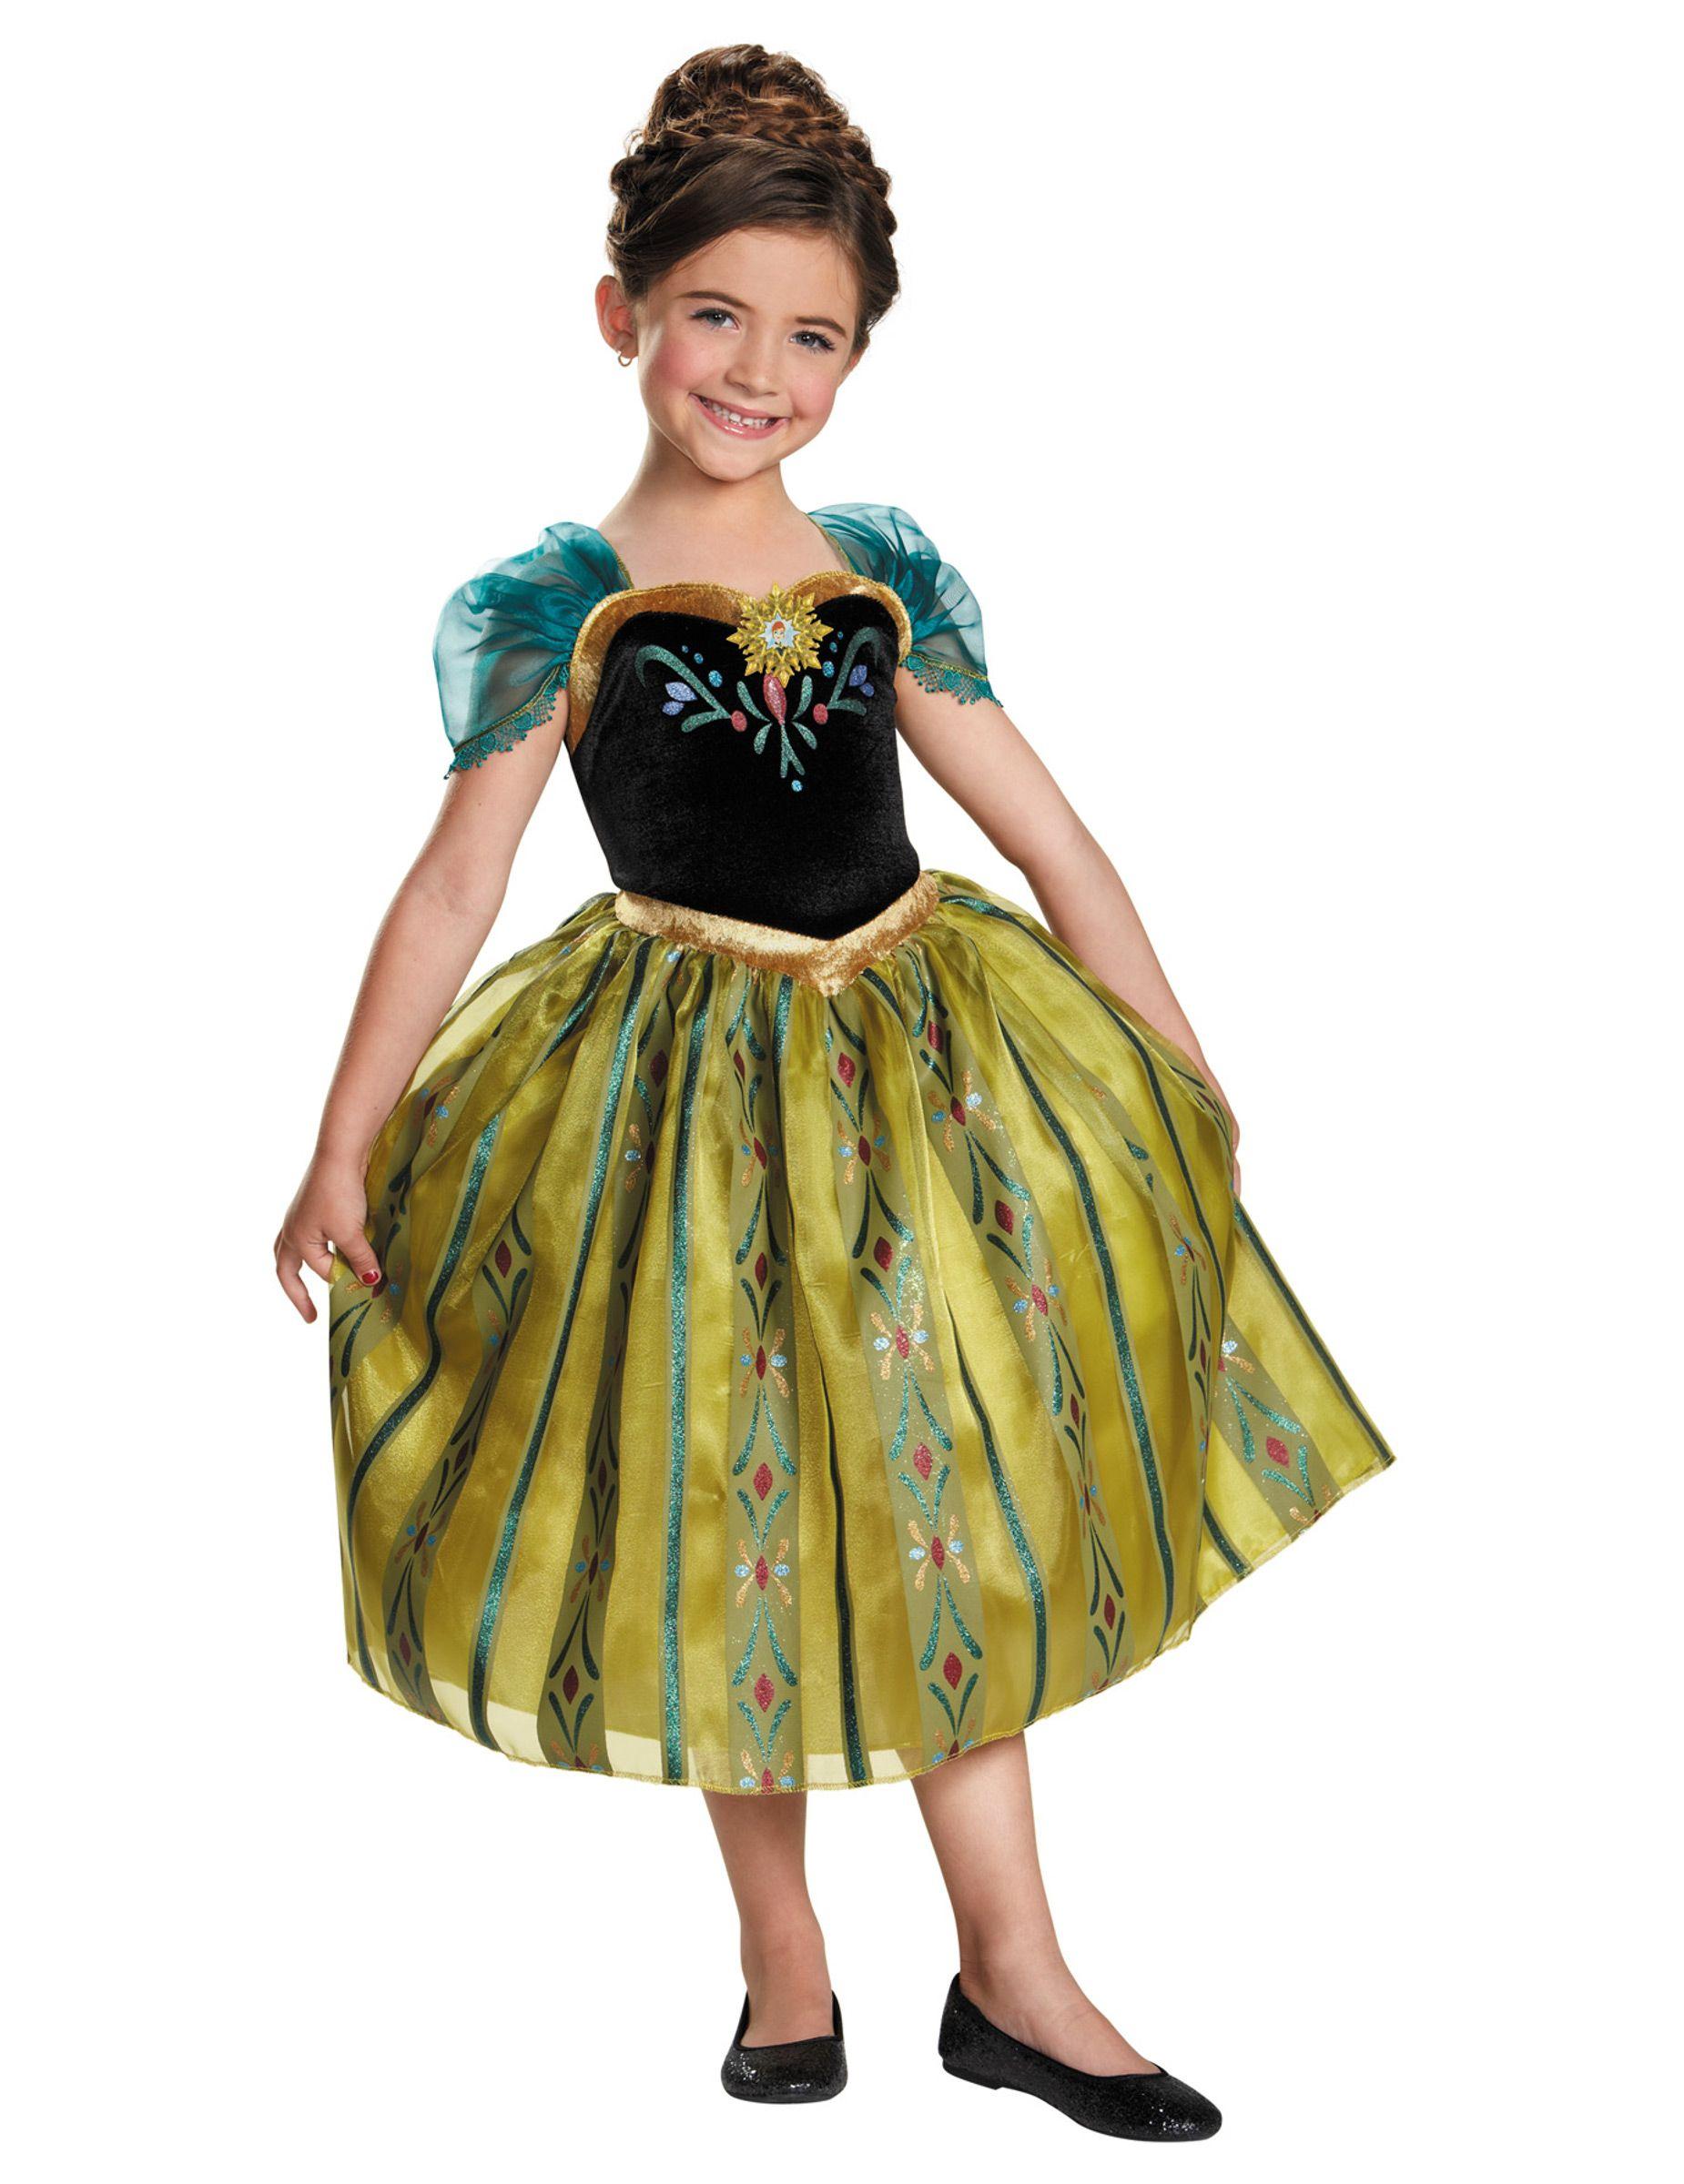 Kostym Snödrottningen Anna™ kröningen flickor 8f22a393973d4